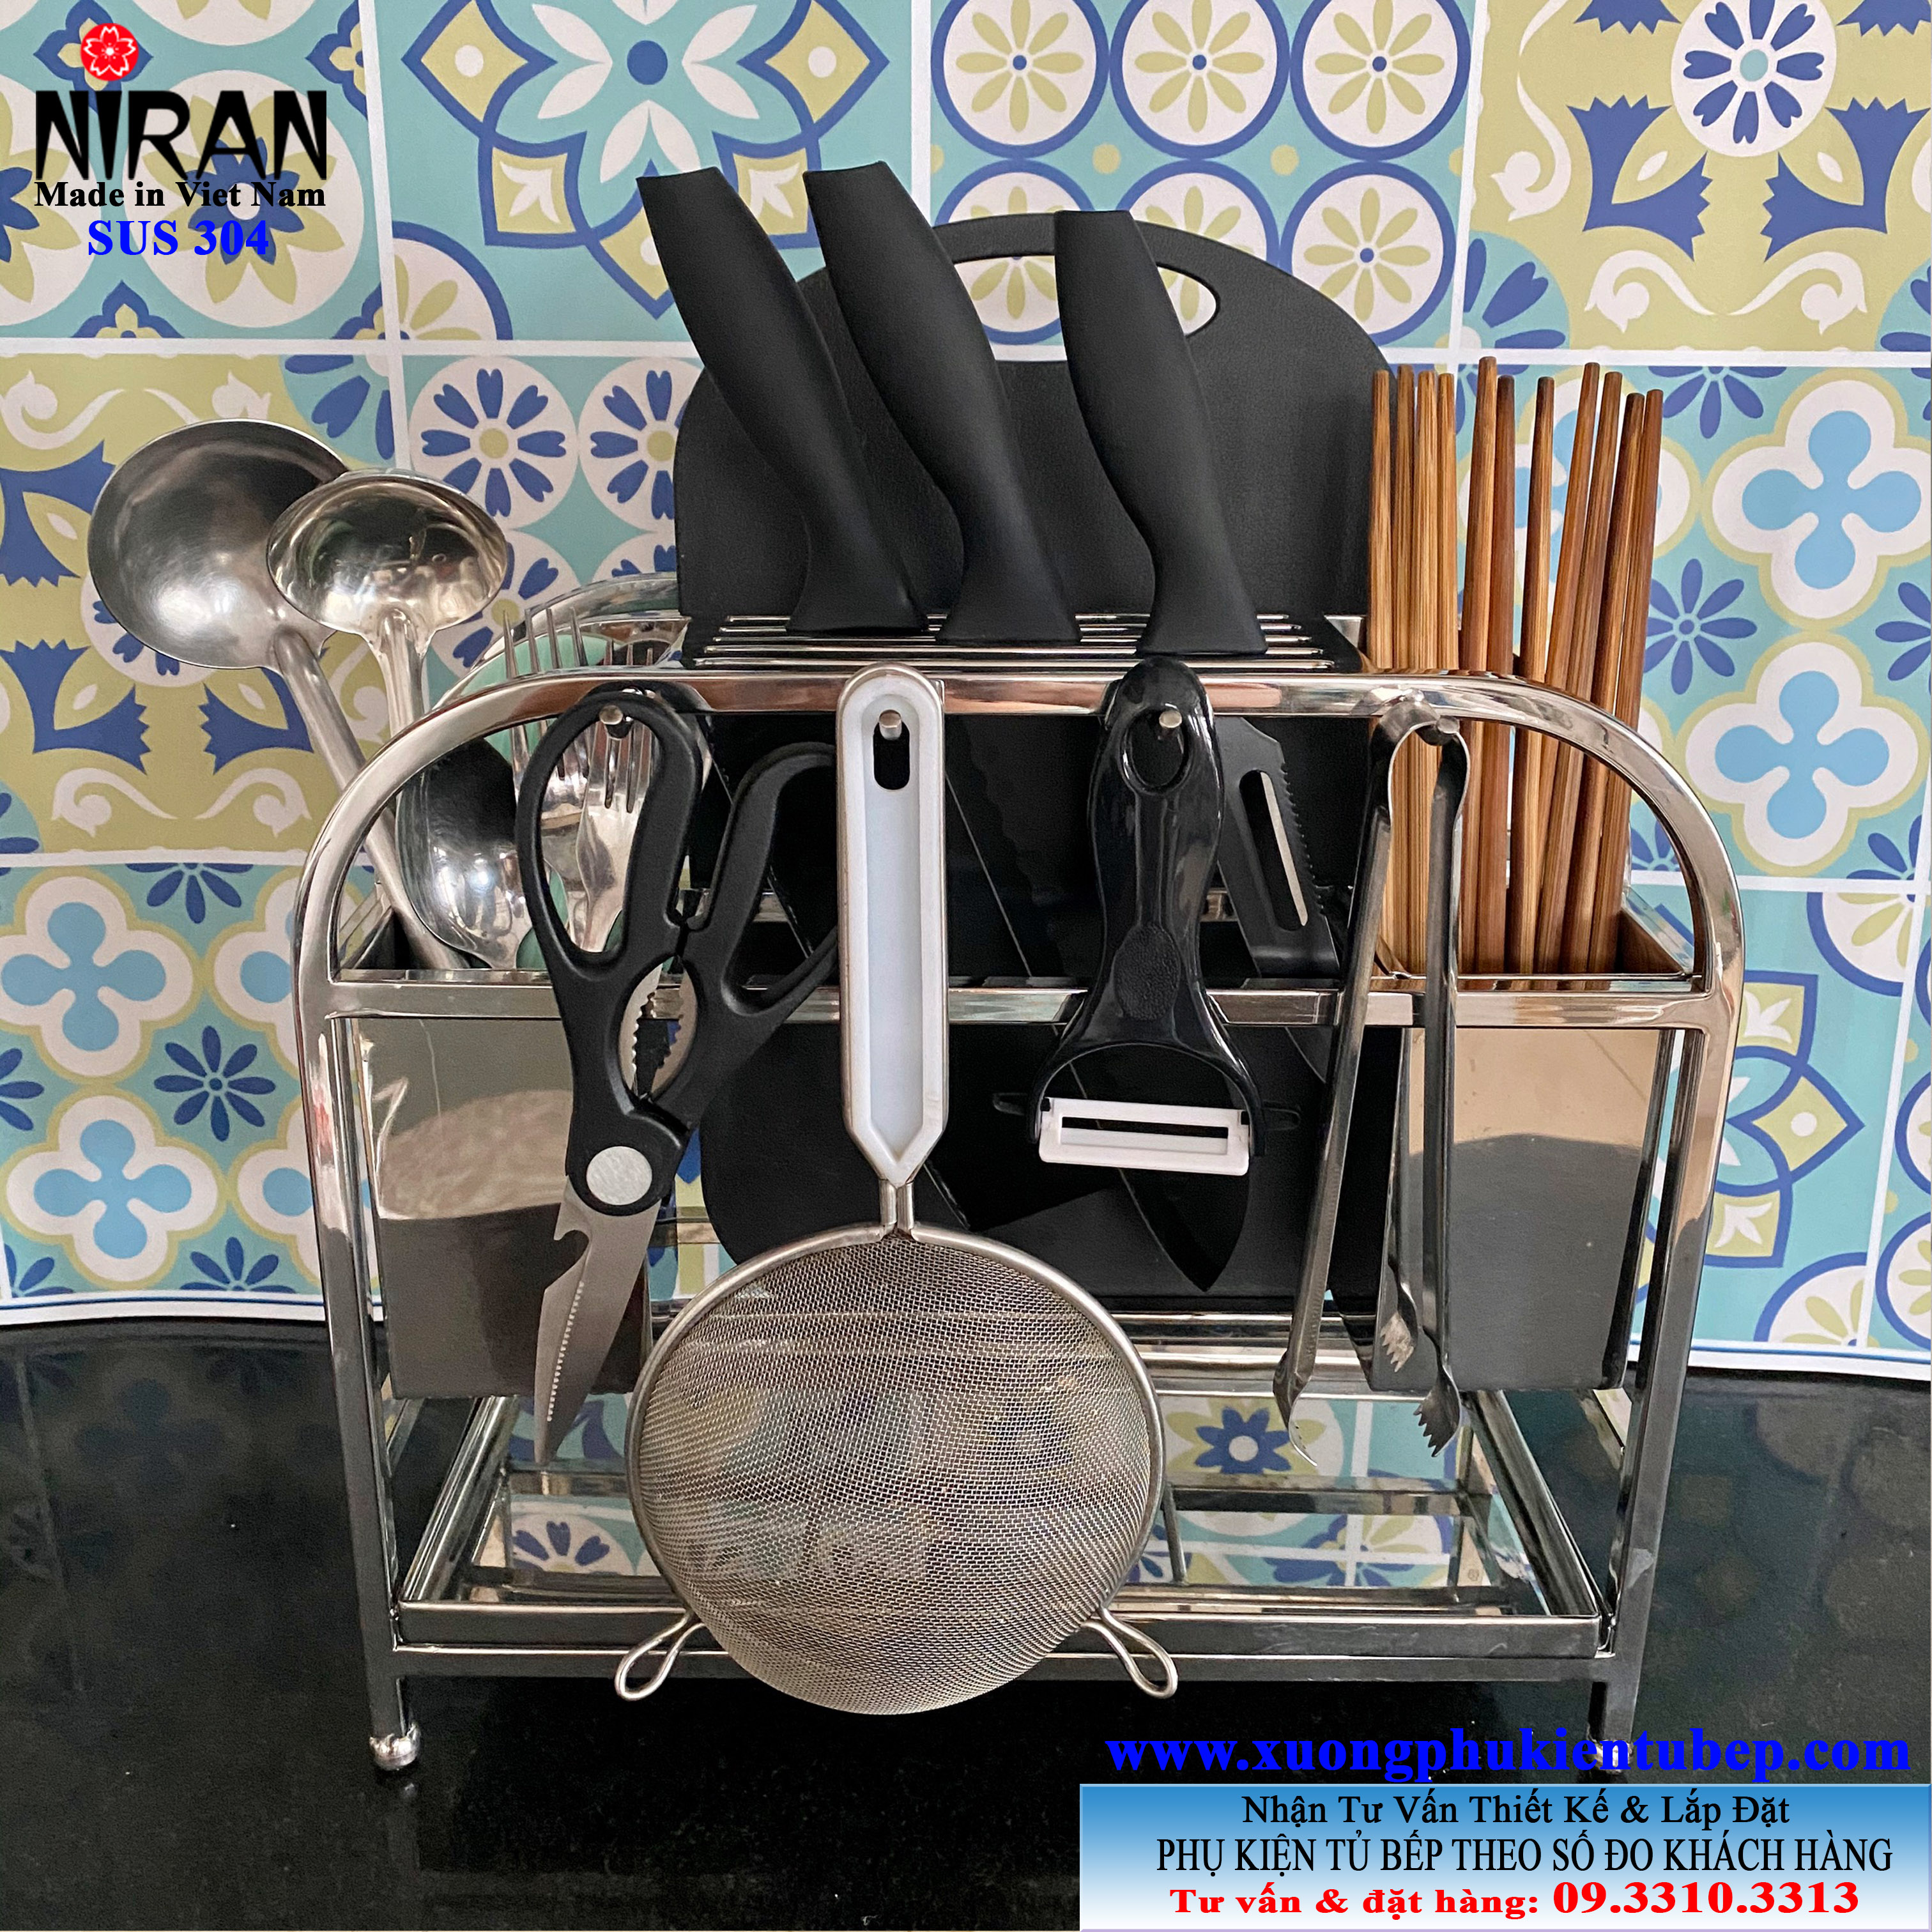 Kệ đựng dao thớt đa năng để bàn inox 304 cao cấp Niran 3020